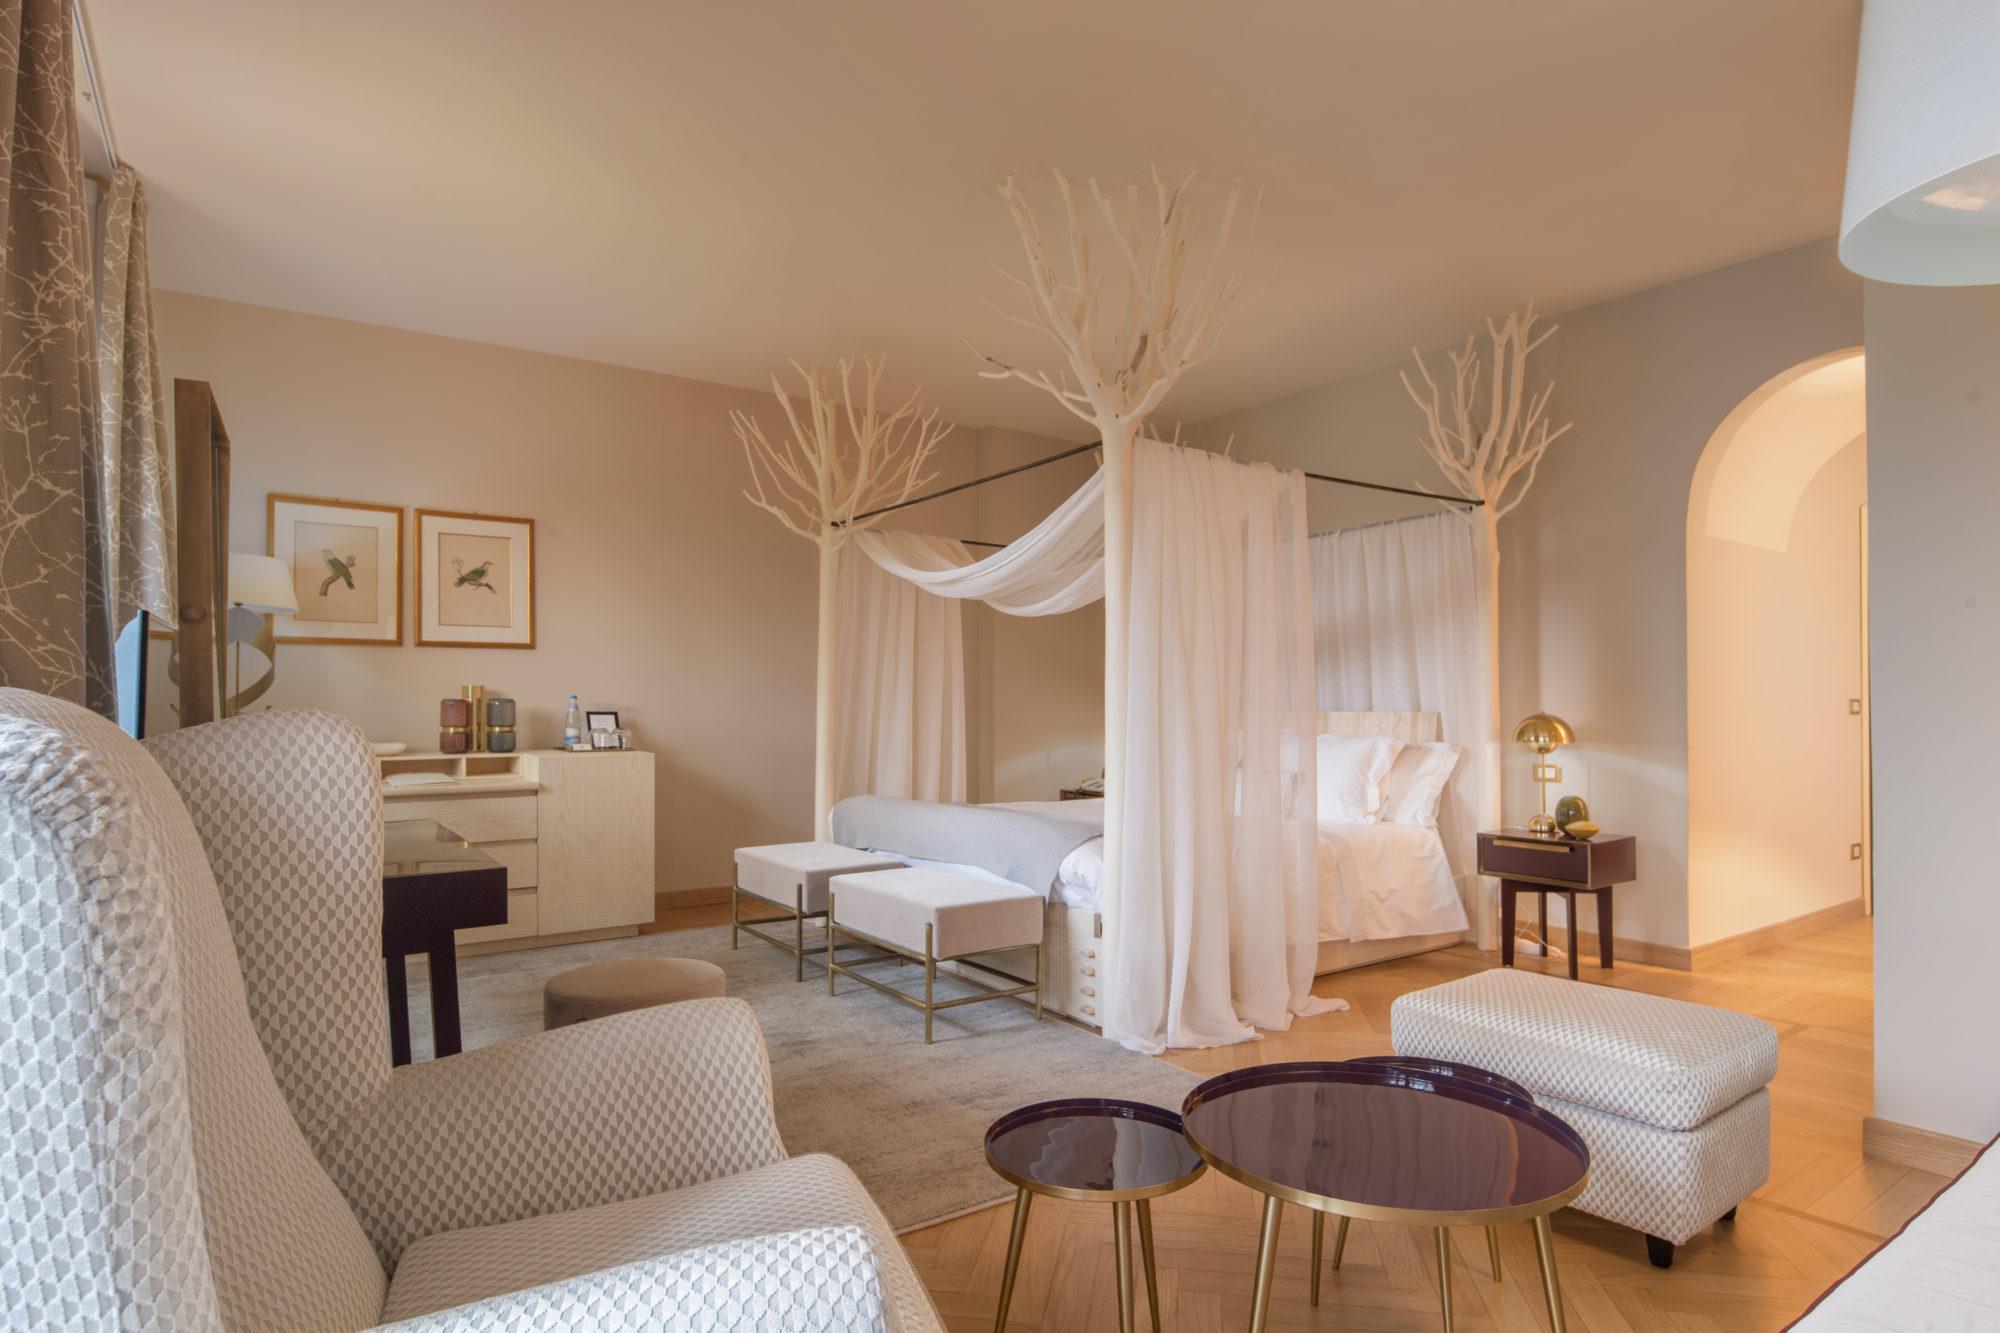 Arredamento camera da letto fotografo brescia ottavio for Arredamento architettura interni